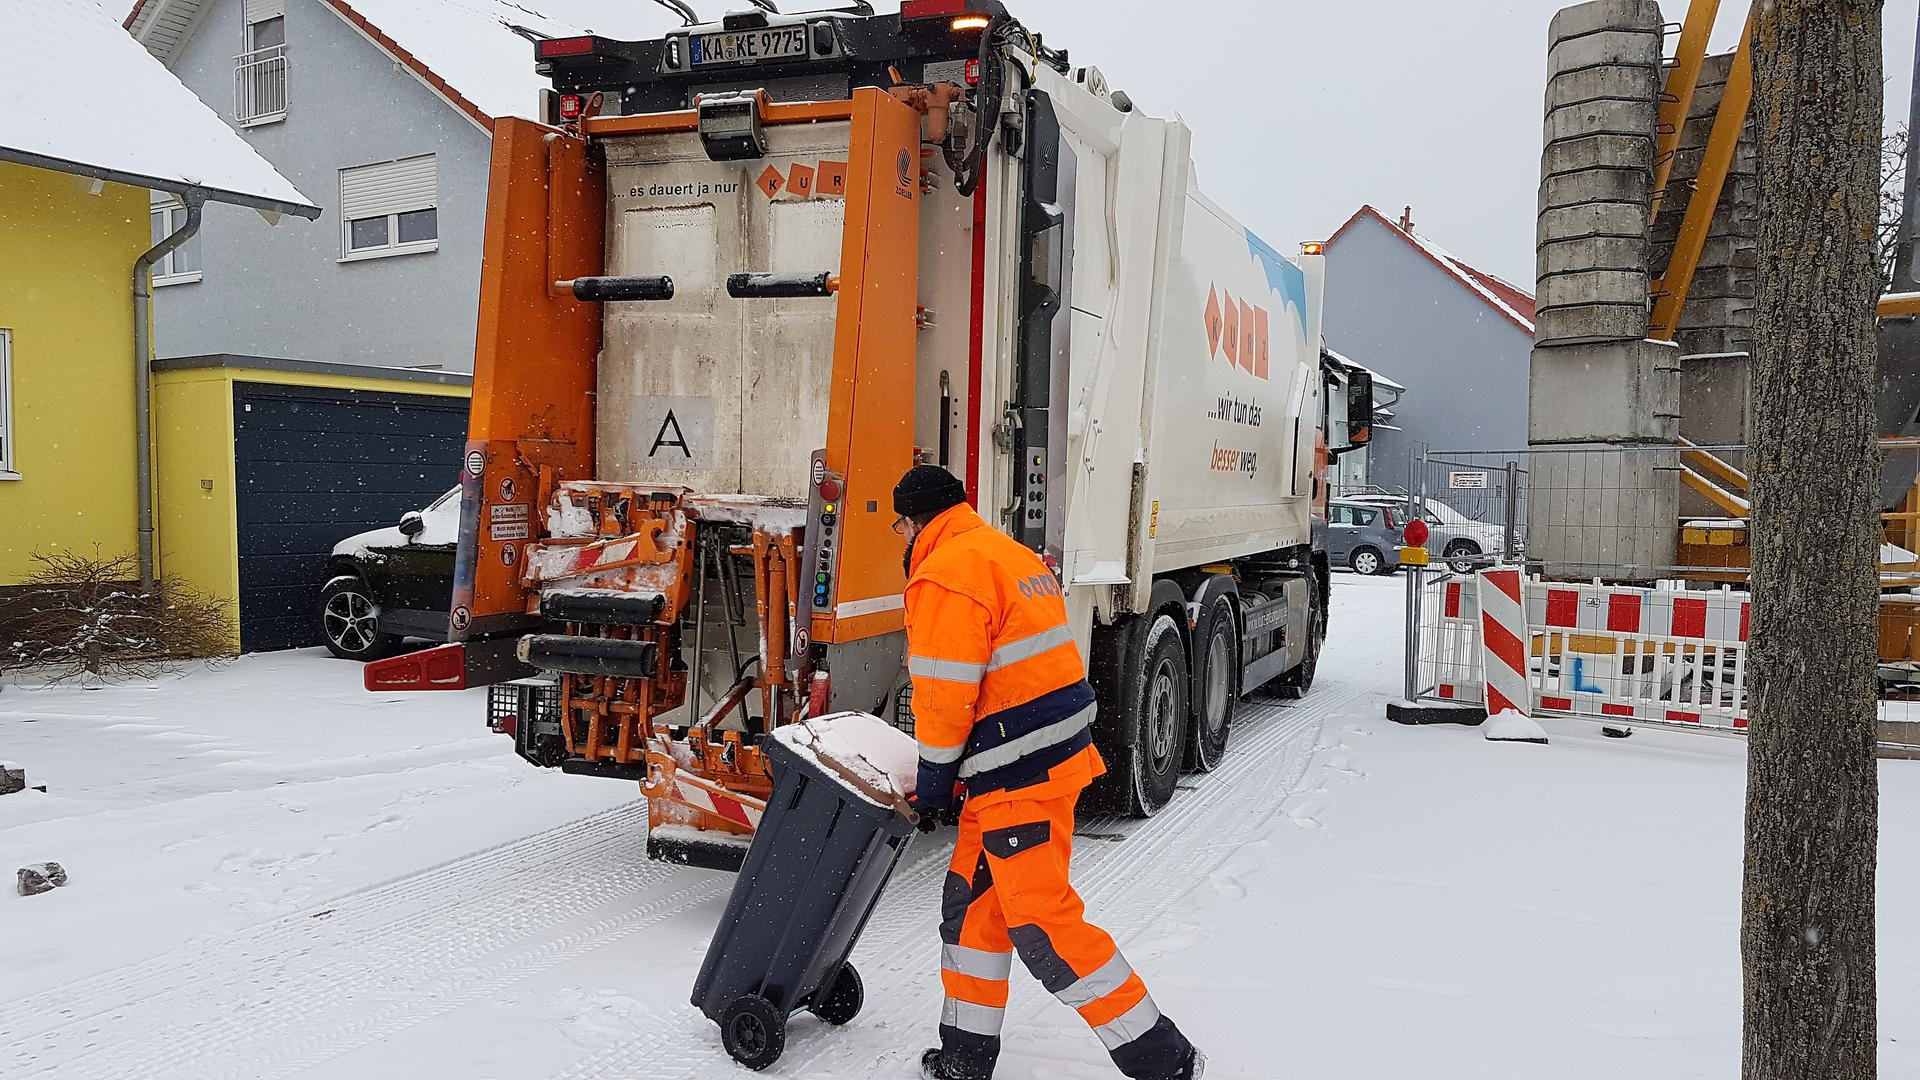 Müllauto im Schnee